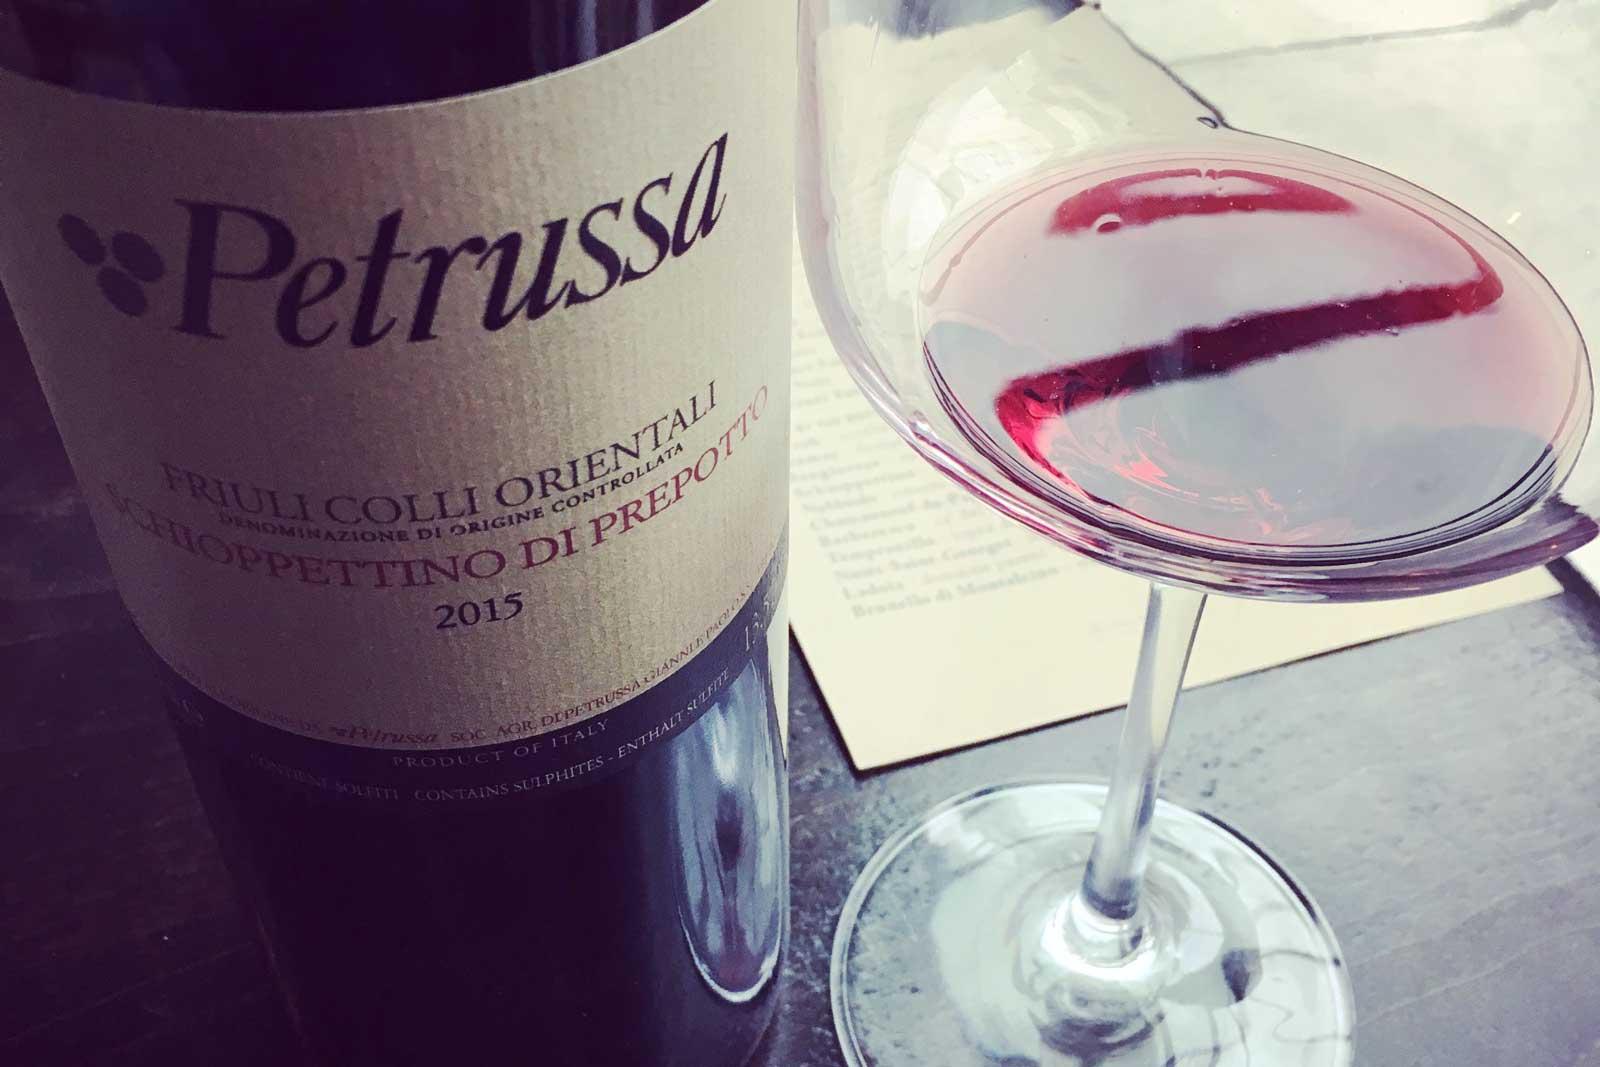 2015 Petrussa Friuli Colli Orientali Schioppettino di Prepotto